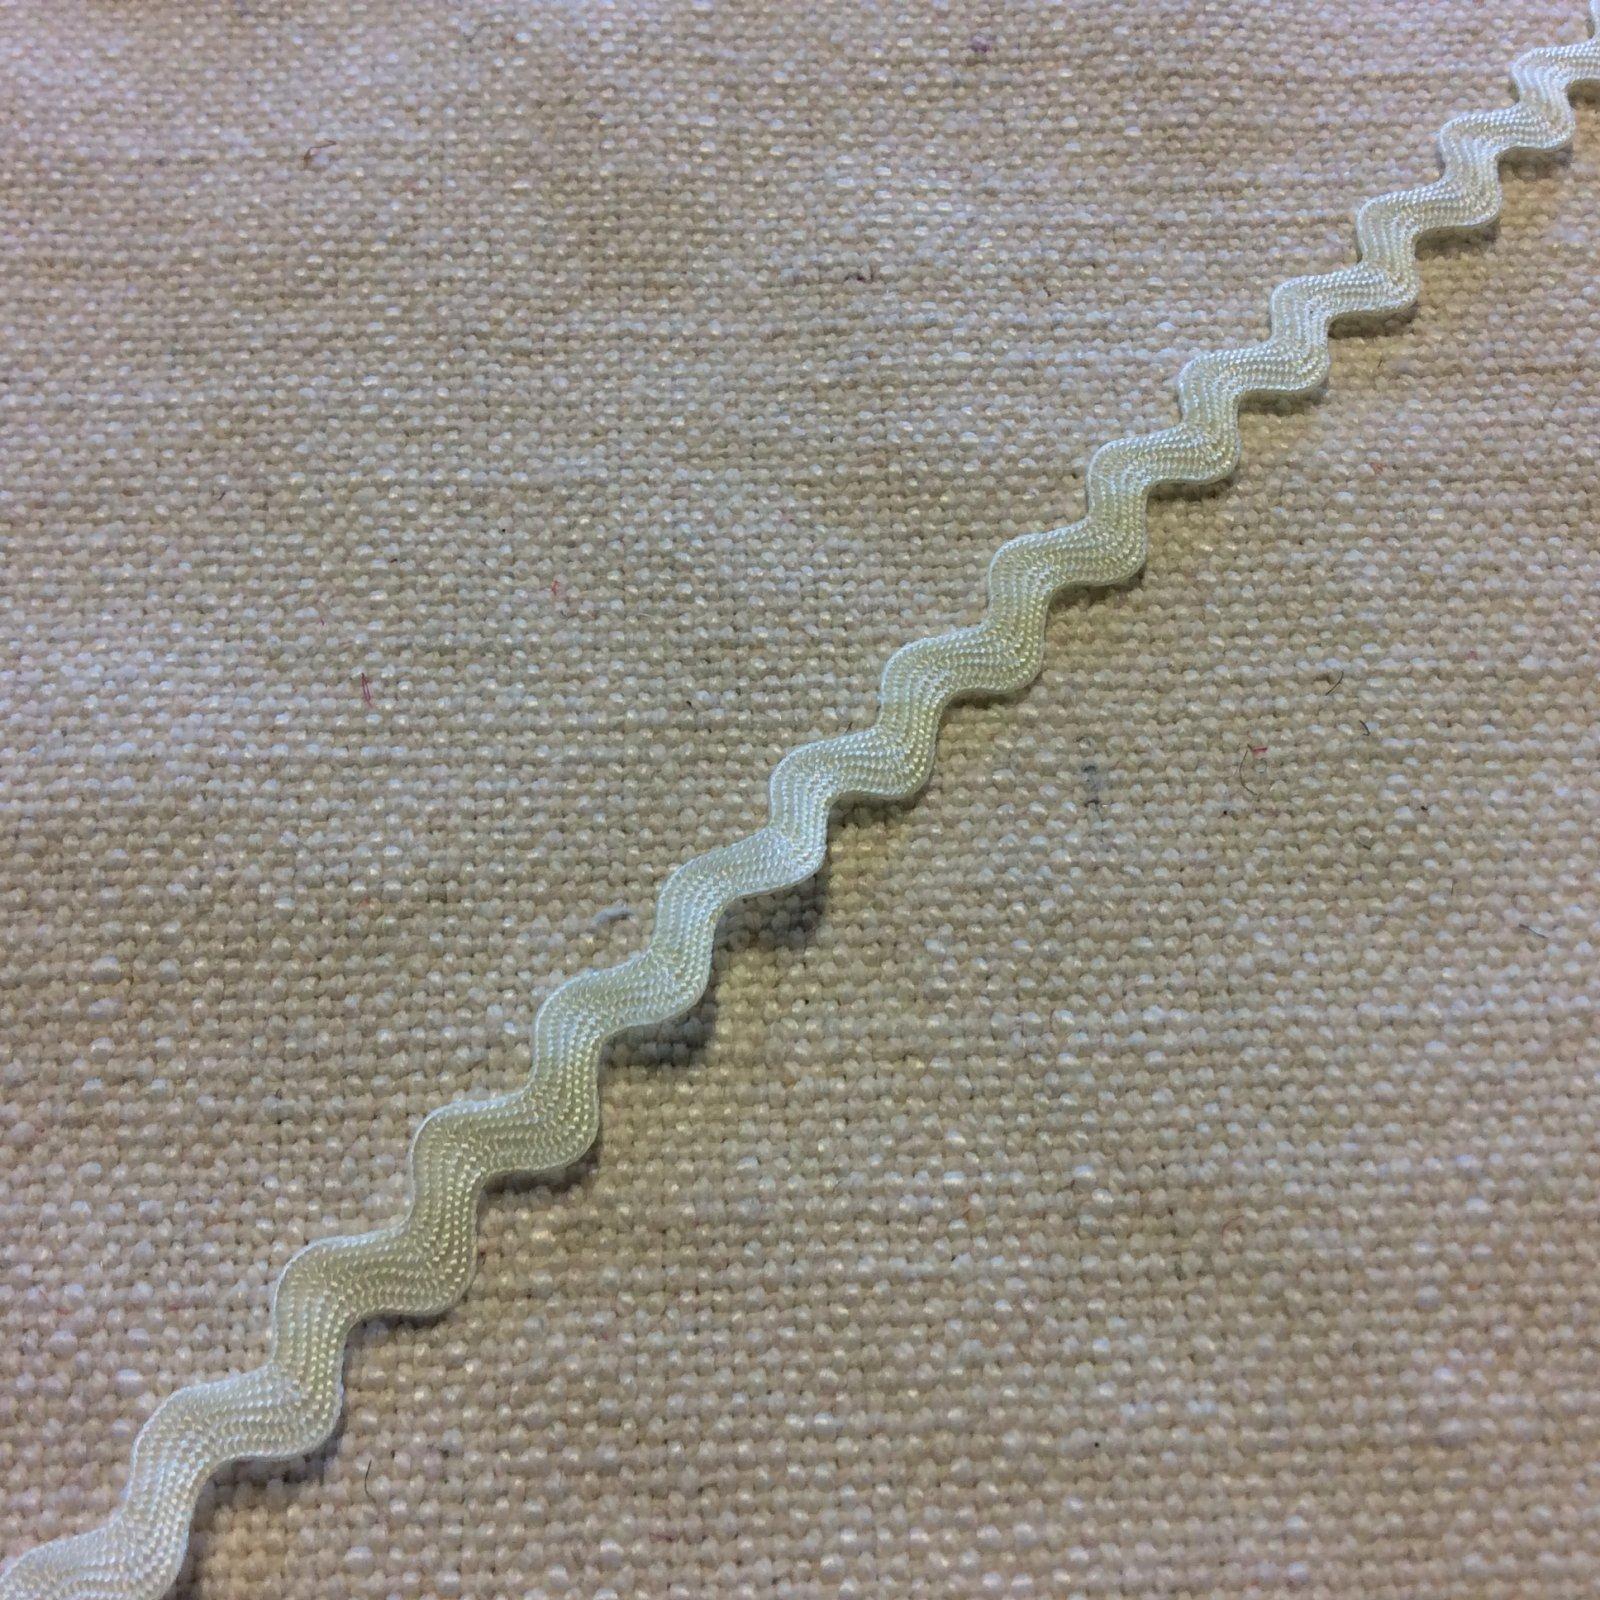 Ivory Off White 1/4 Wide Ric Rac Ribbon Trim RIB1338